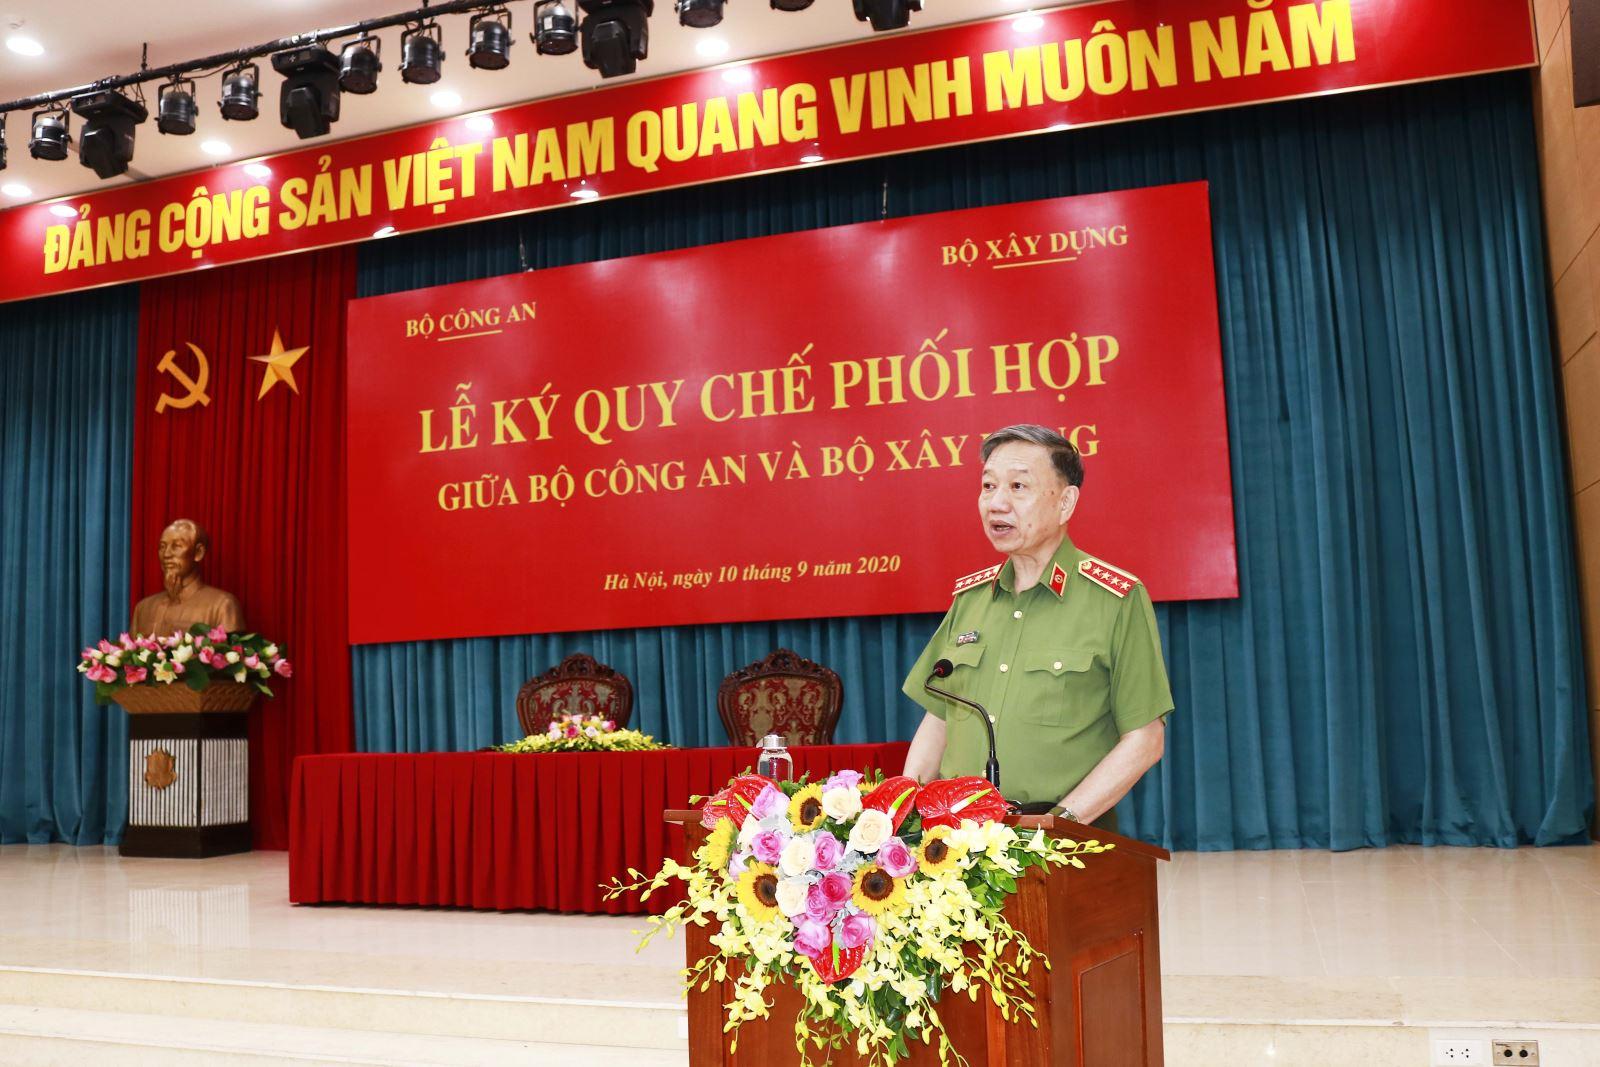 Bộ trưởng Tô Lâm phát biểu tại buổi lễ